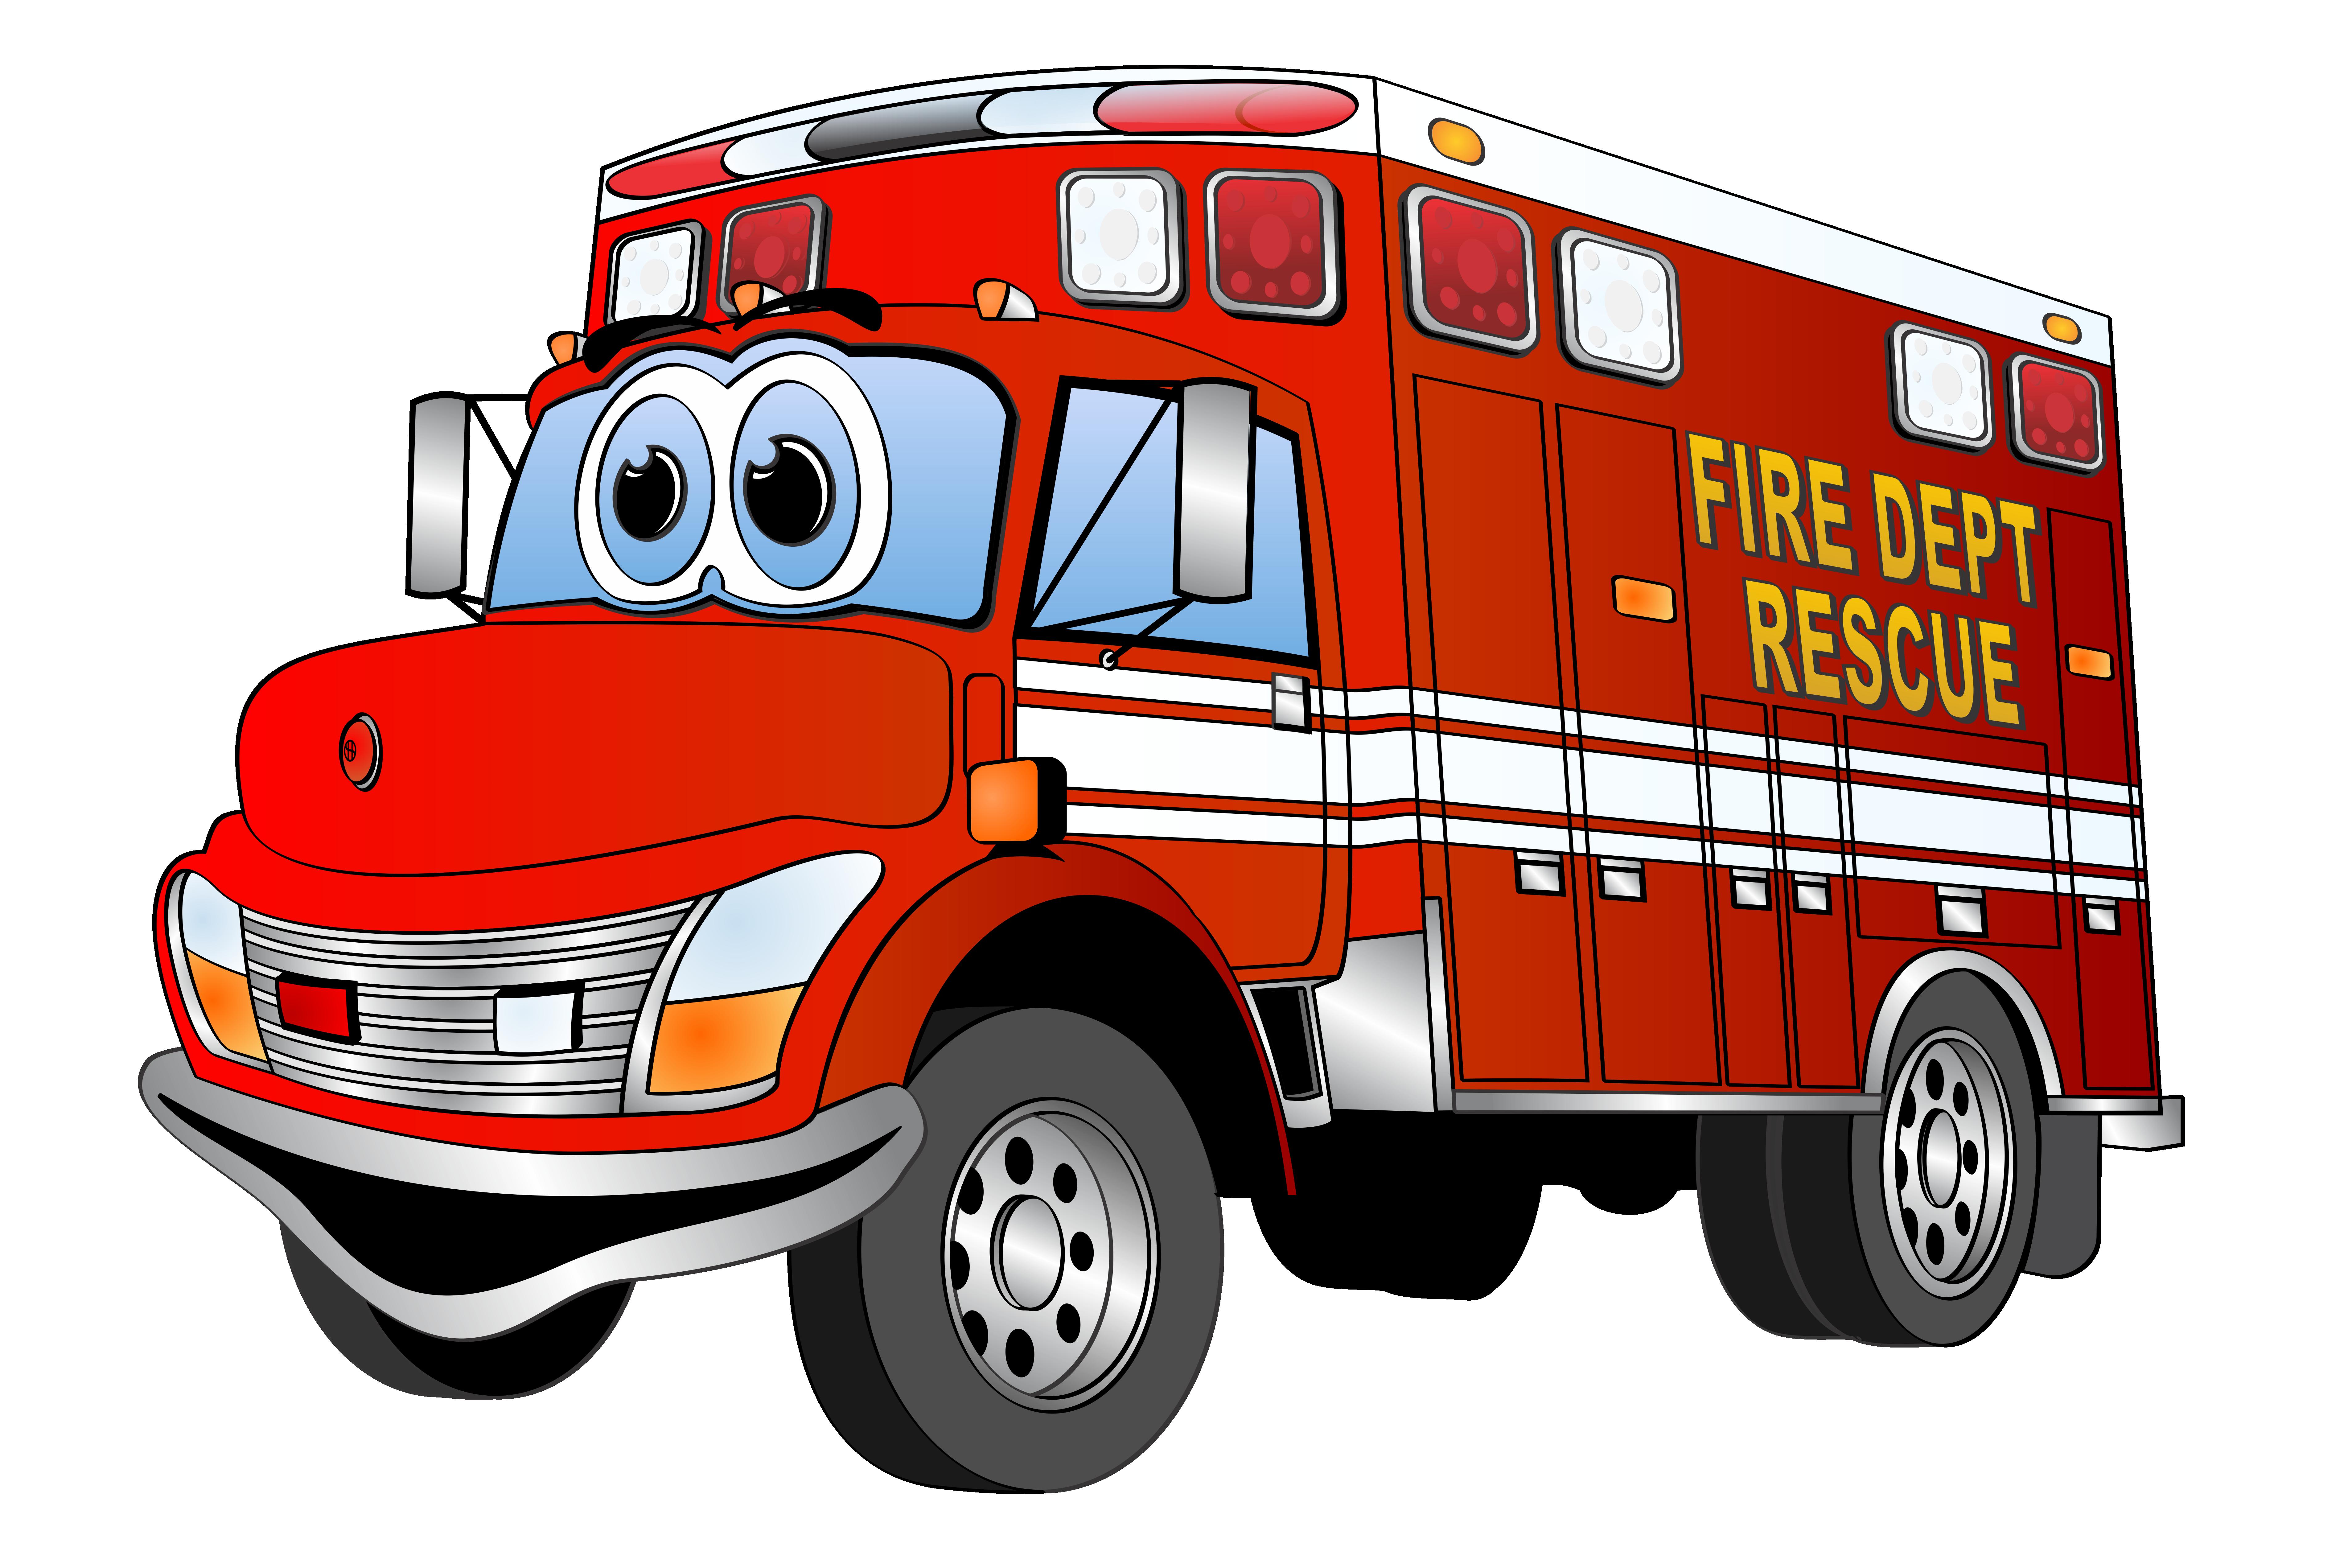 7628x5085 Clipart Fire Truck